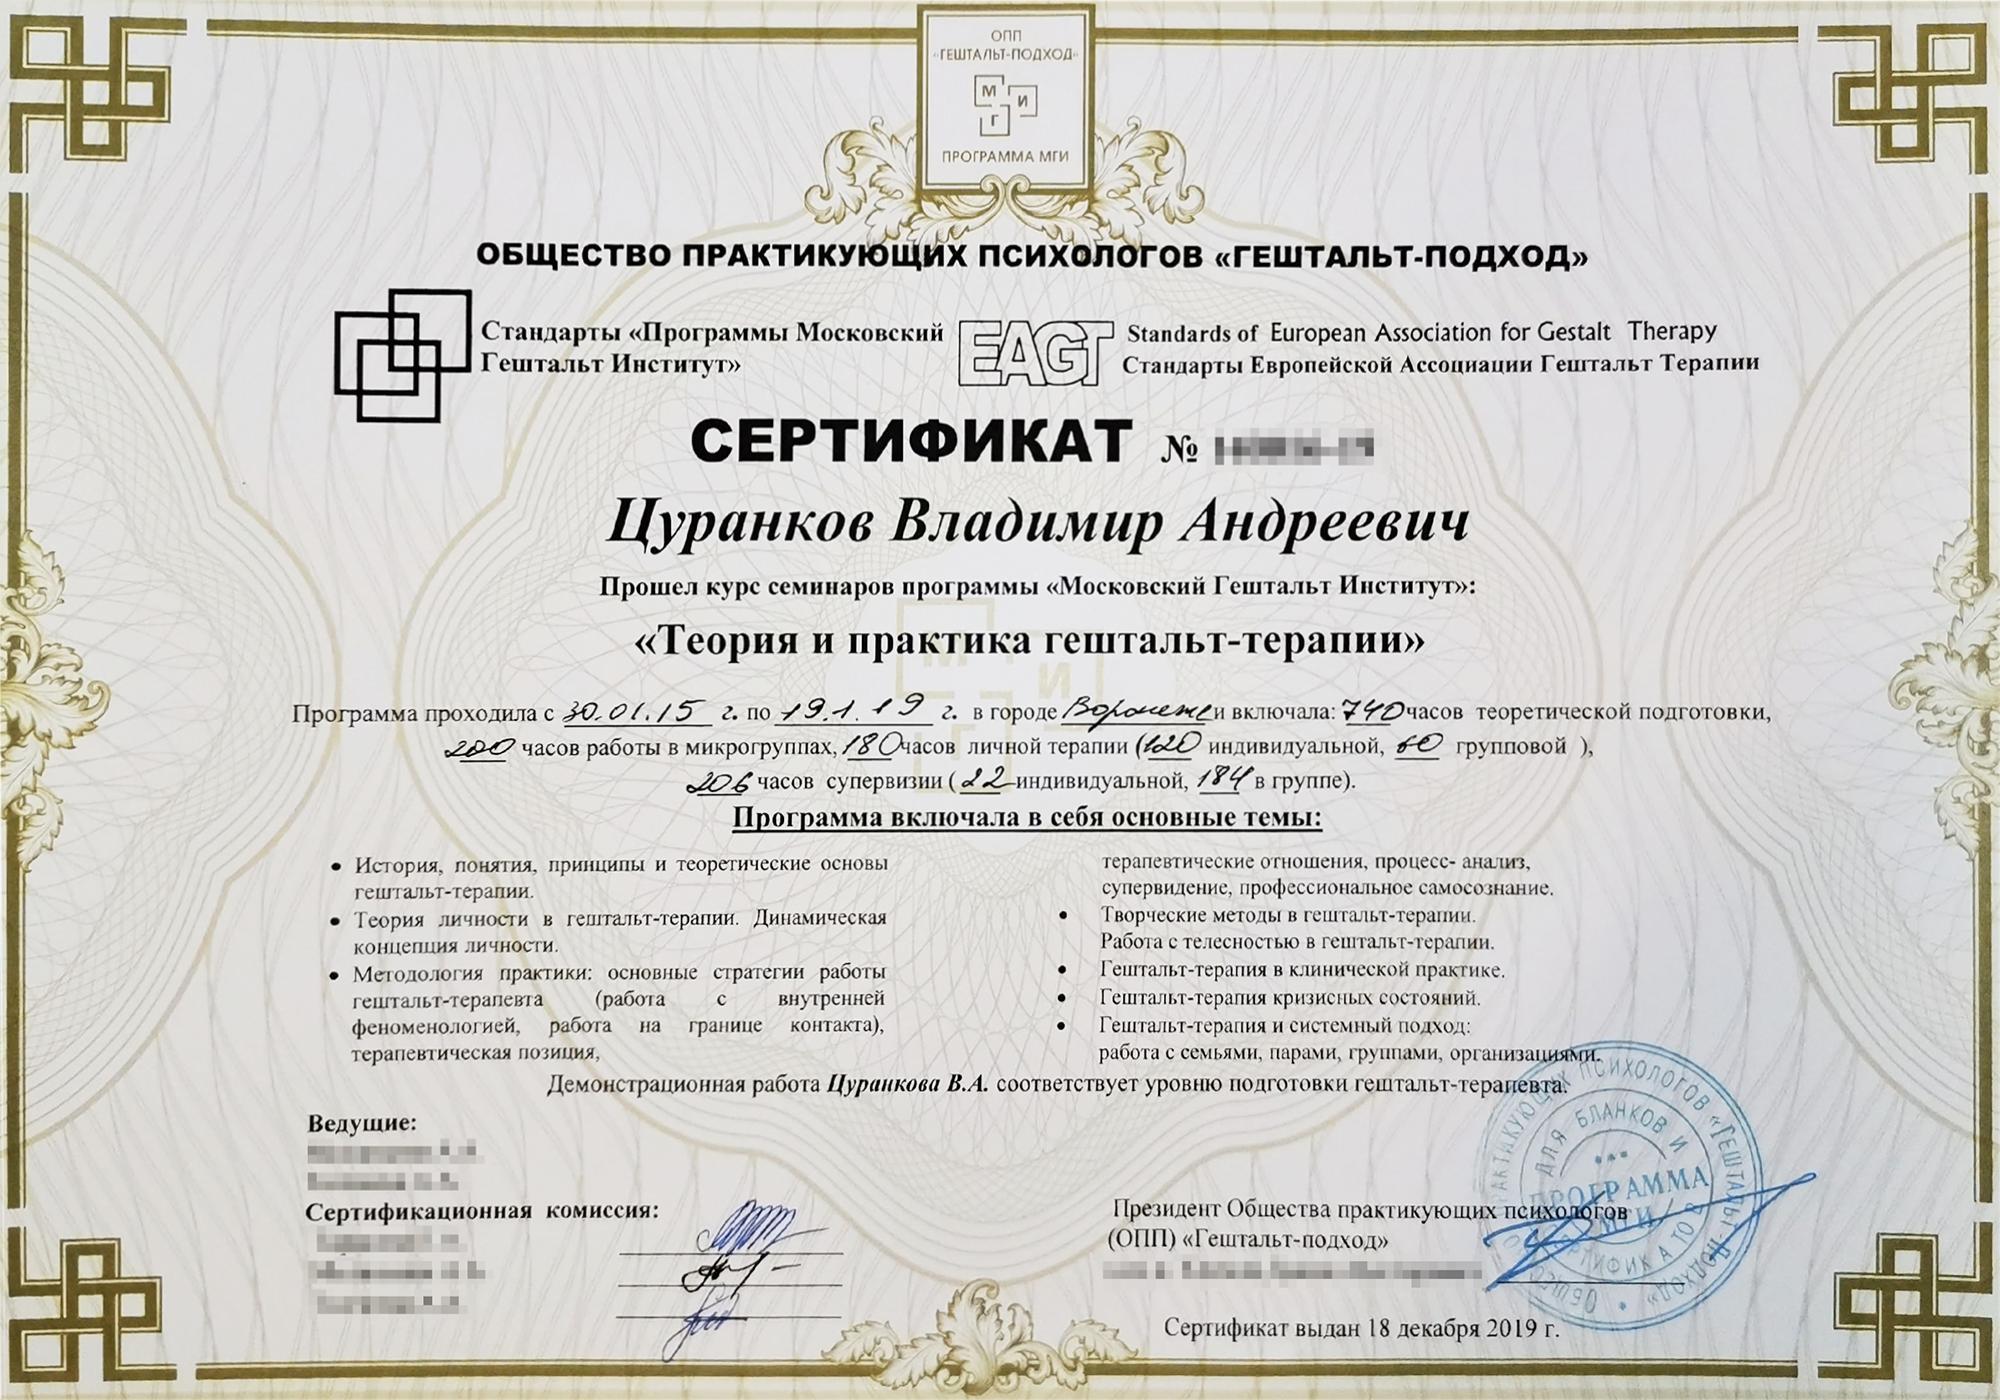 Этот сертификат я получил в 2019году, когда закончил обучение гештальттерапии. Оно длилось 4 года